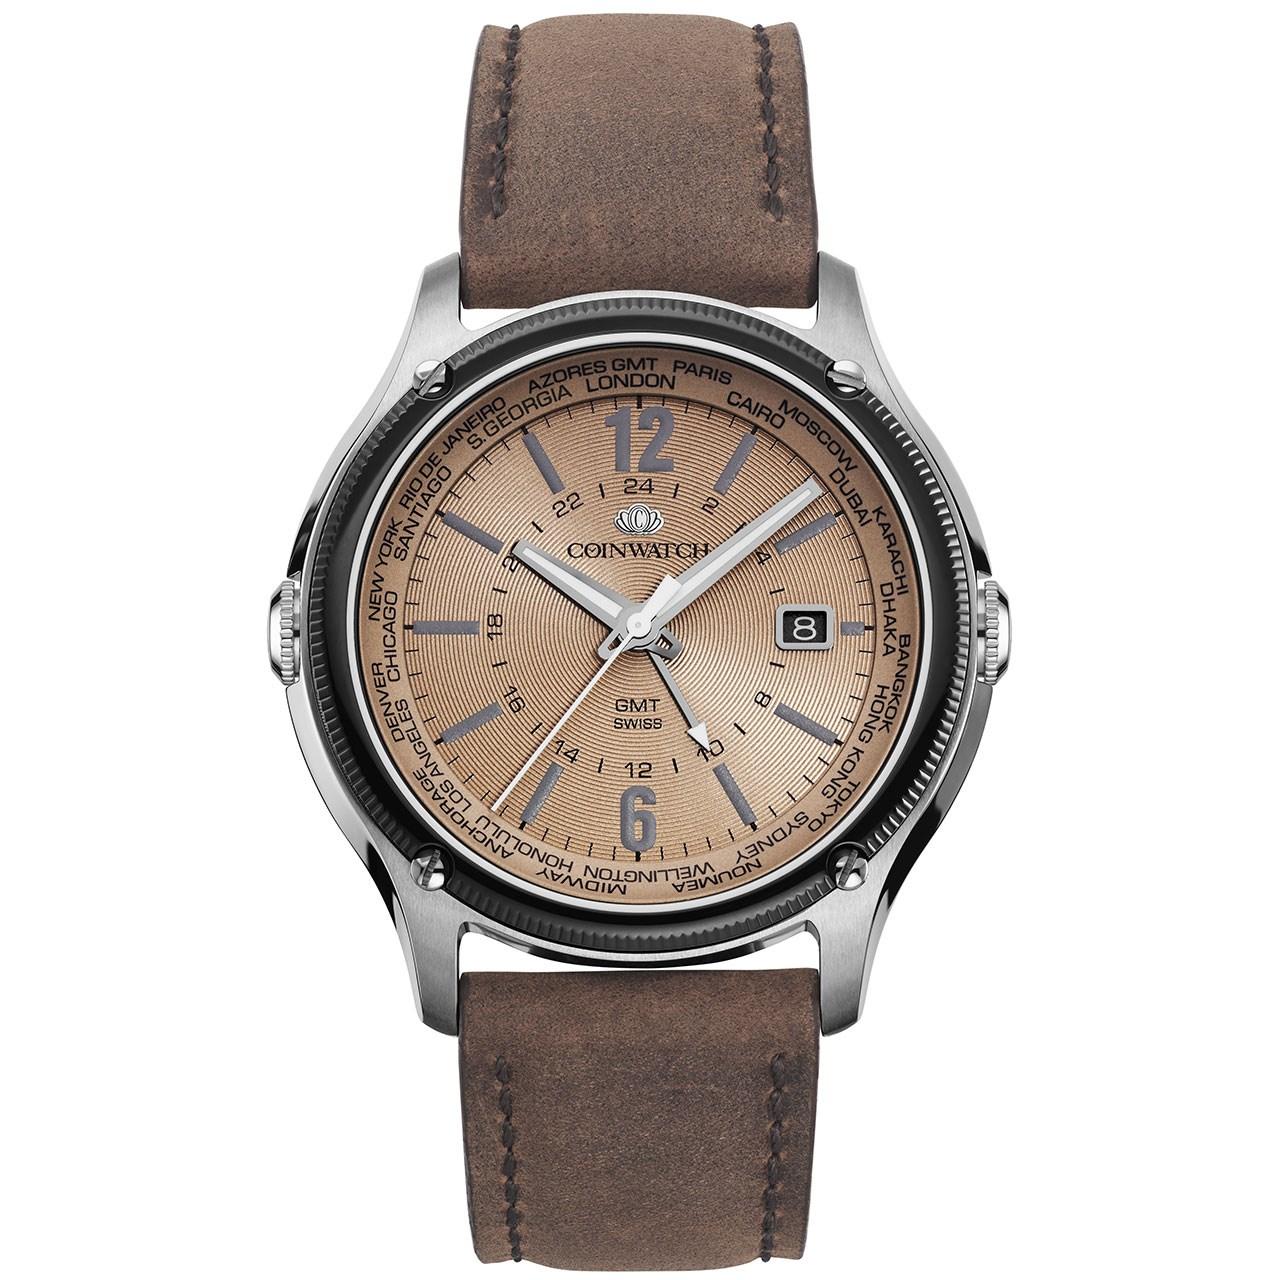 ساعت مچی عقربه ای مردانه کوین واچ مدل C161SIY تولید محدود